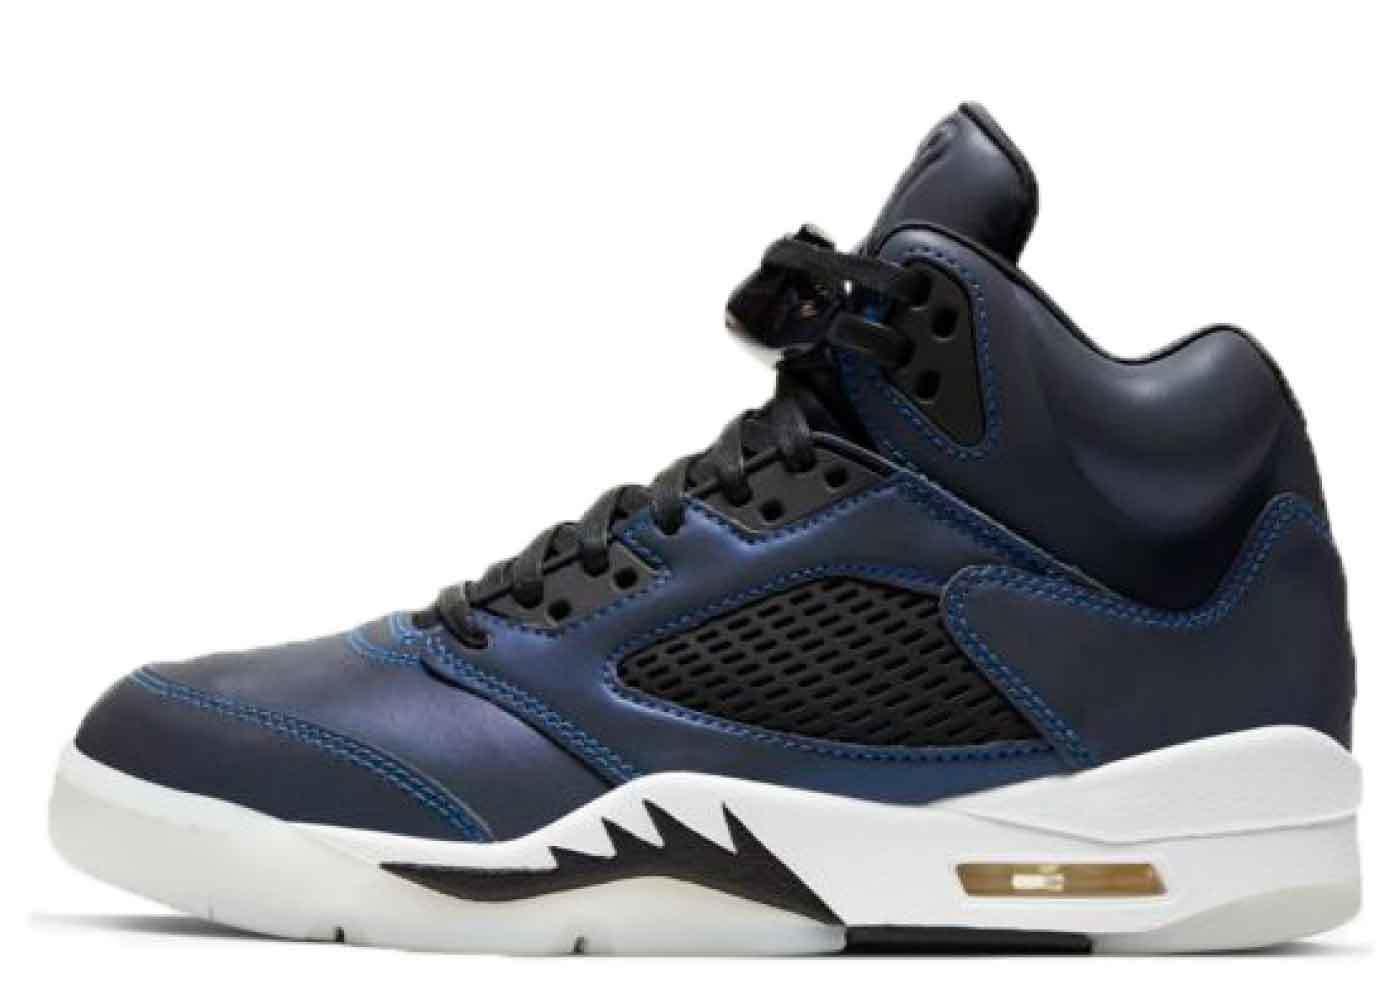 Nike Air Jordan 5 Iridescent-Oil-Grey Womensの写真